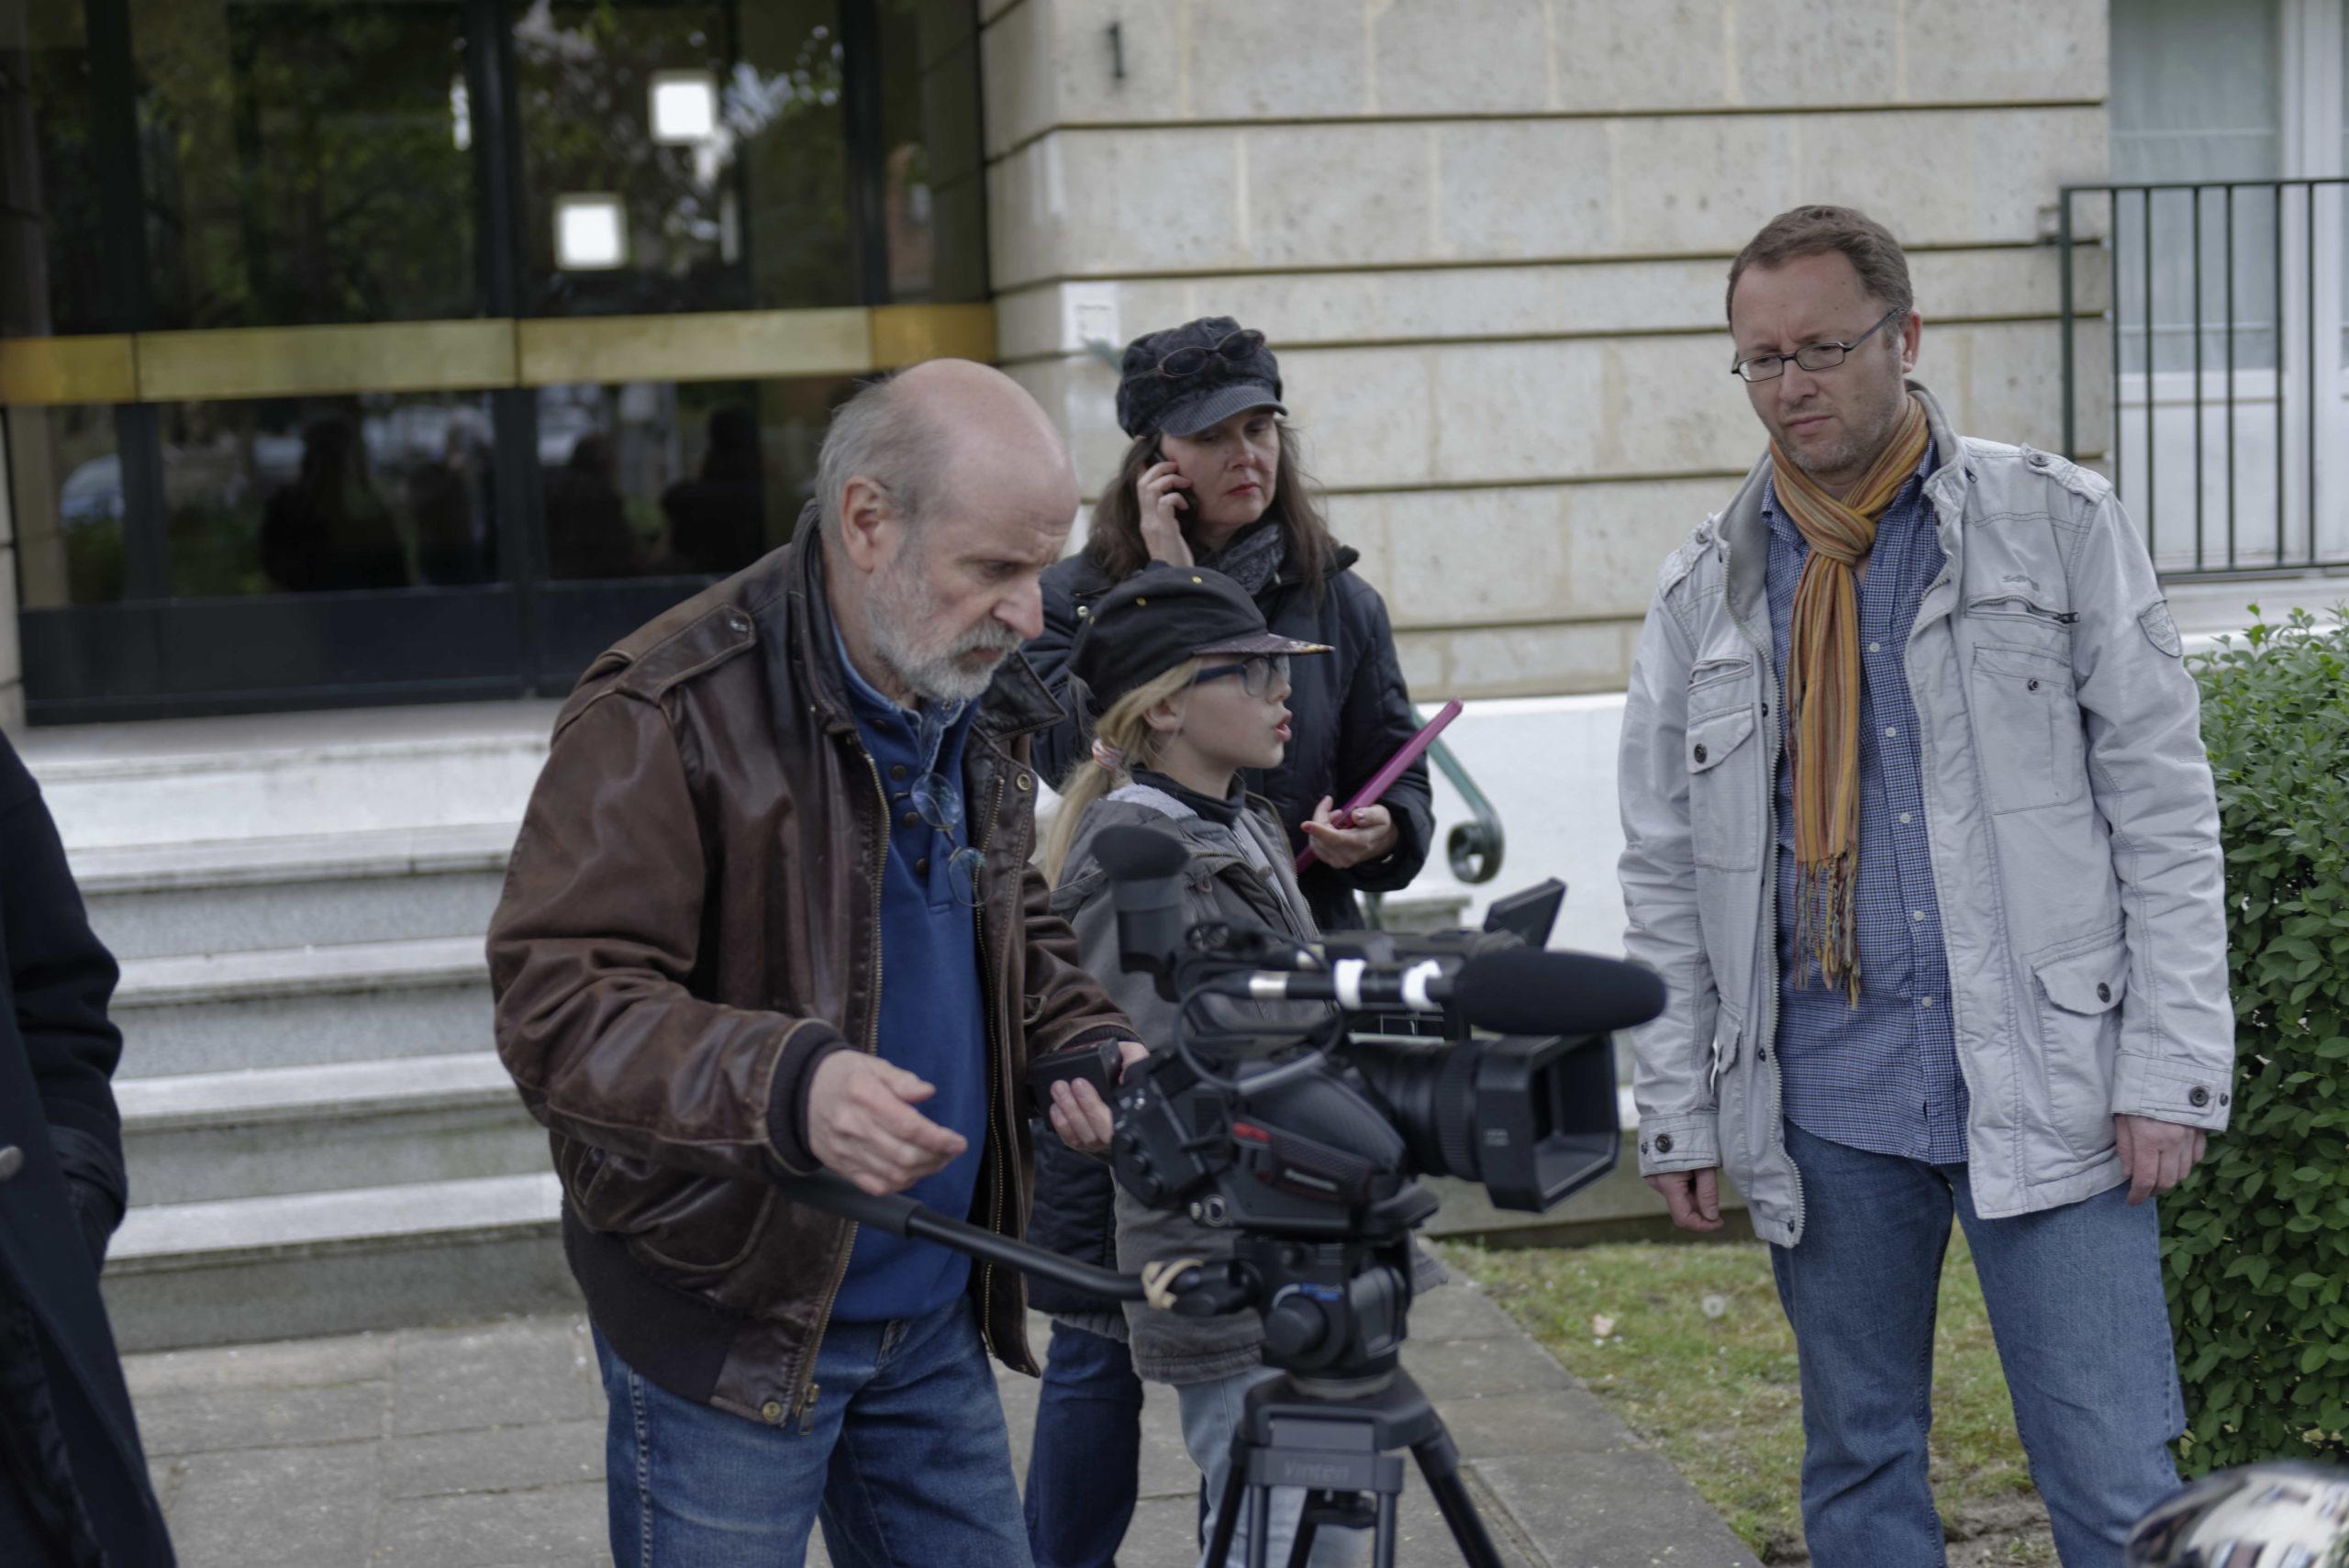 Pere et impair photos tournage 28